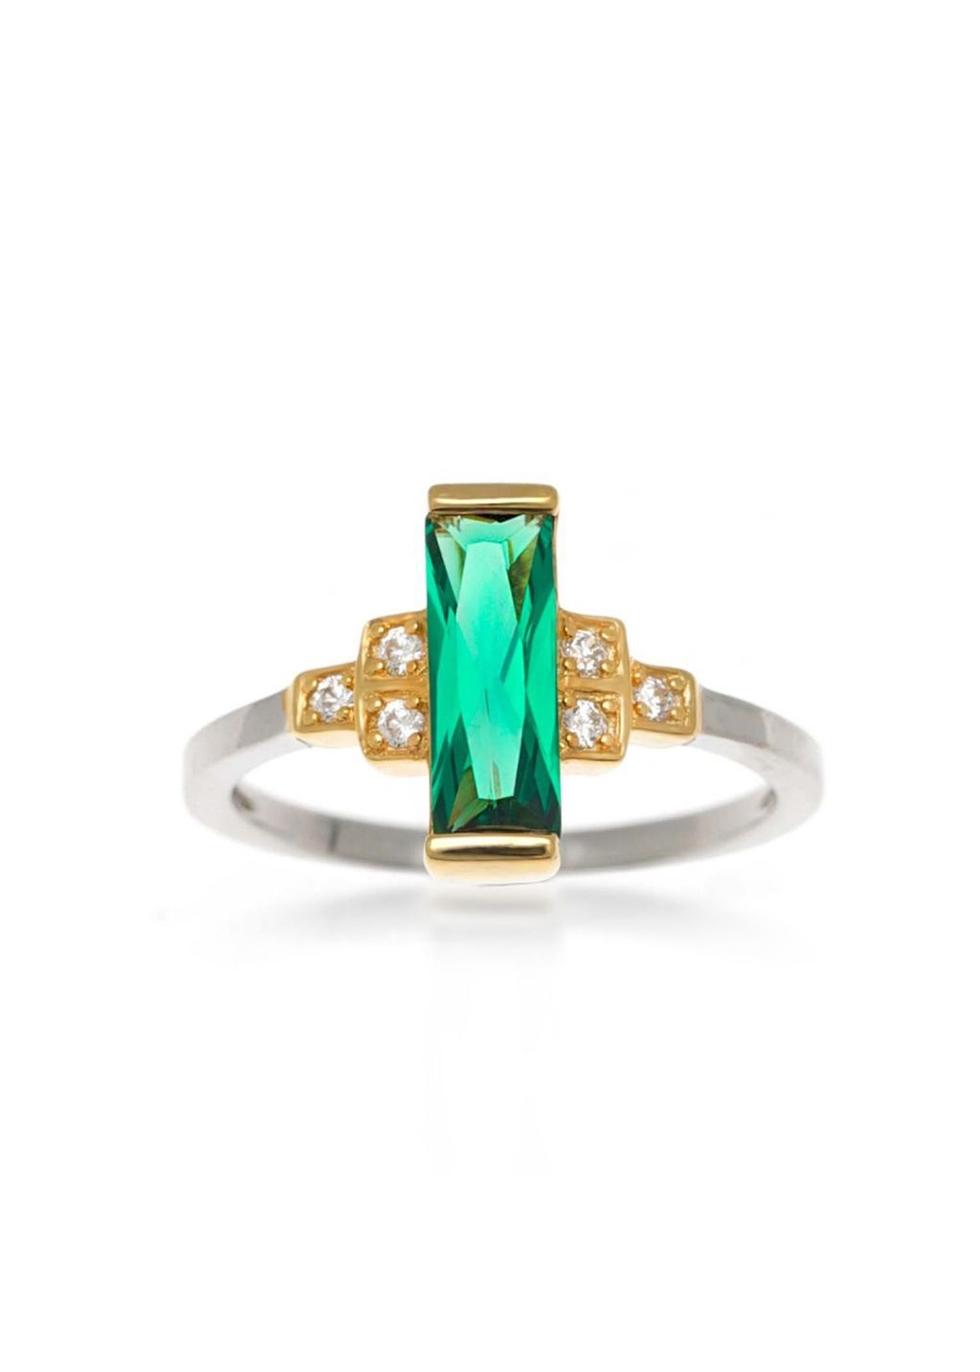 Audrey crystal-embellished ring